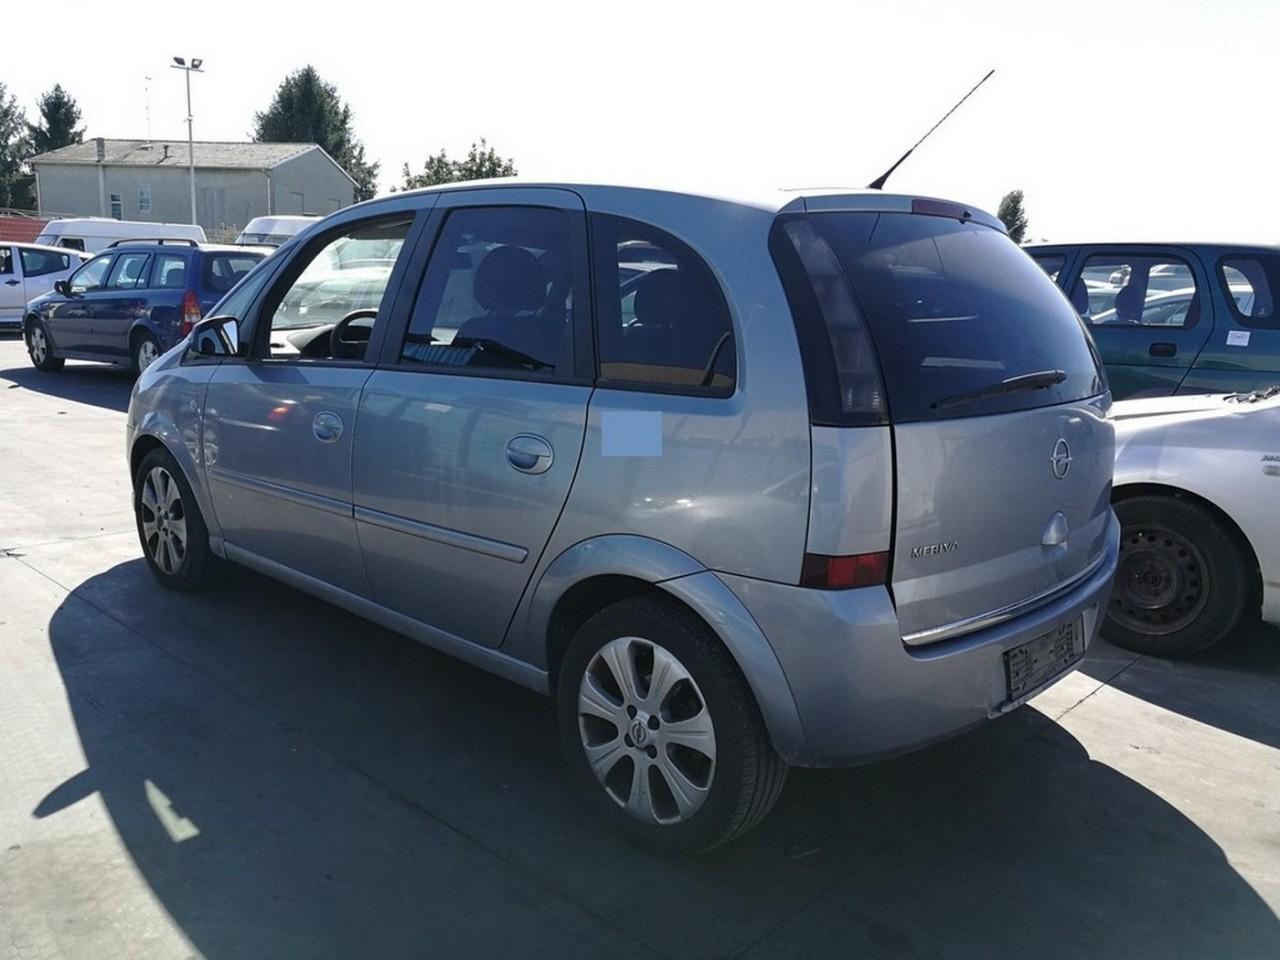 Dezmembrari auto Opel Meriva A an de fabricatie 2004 - 2005 - 2006 - 2007 - 2008